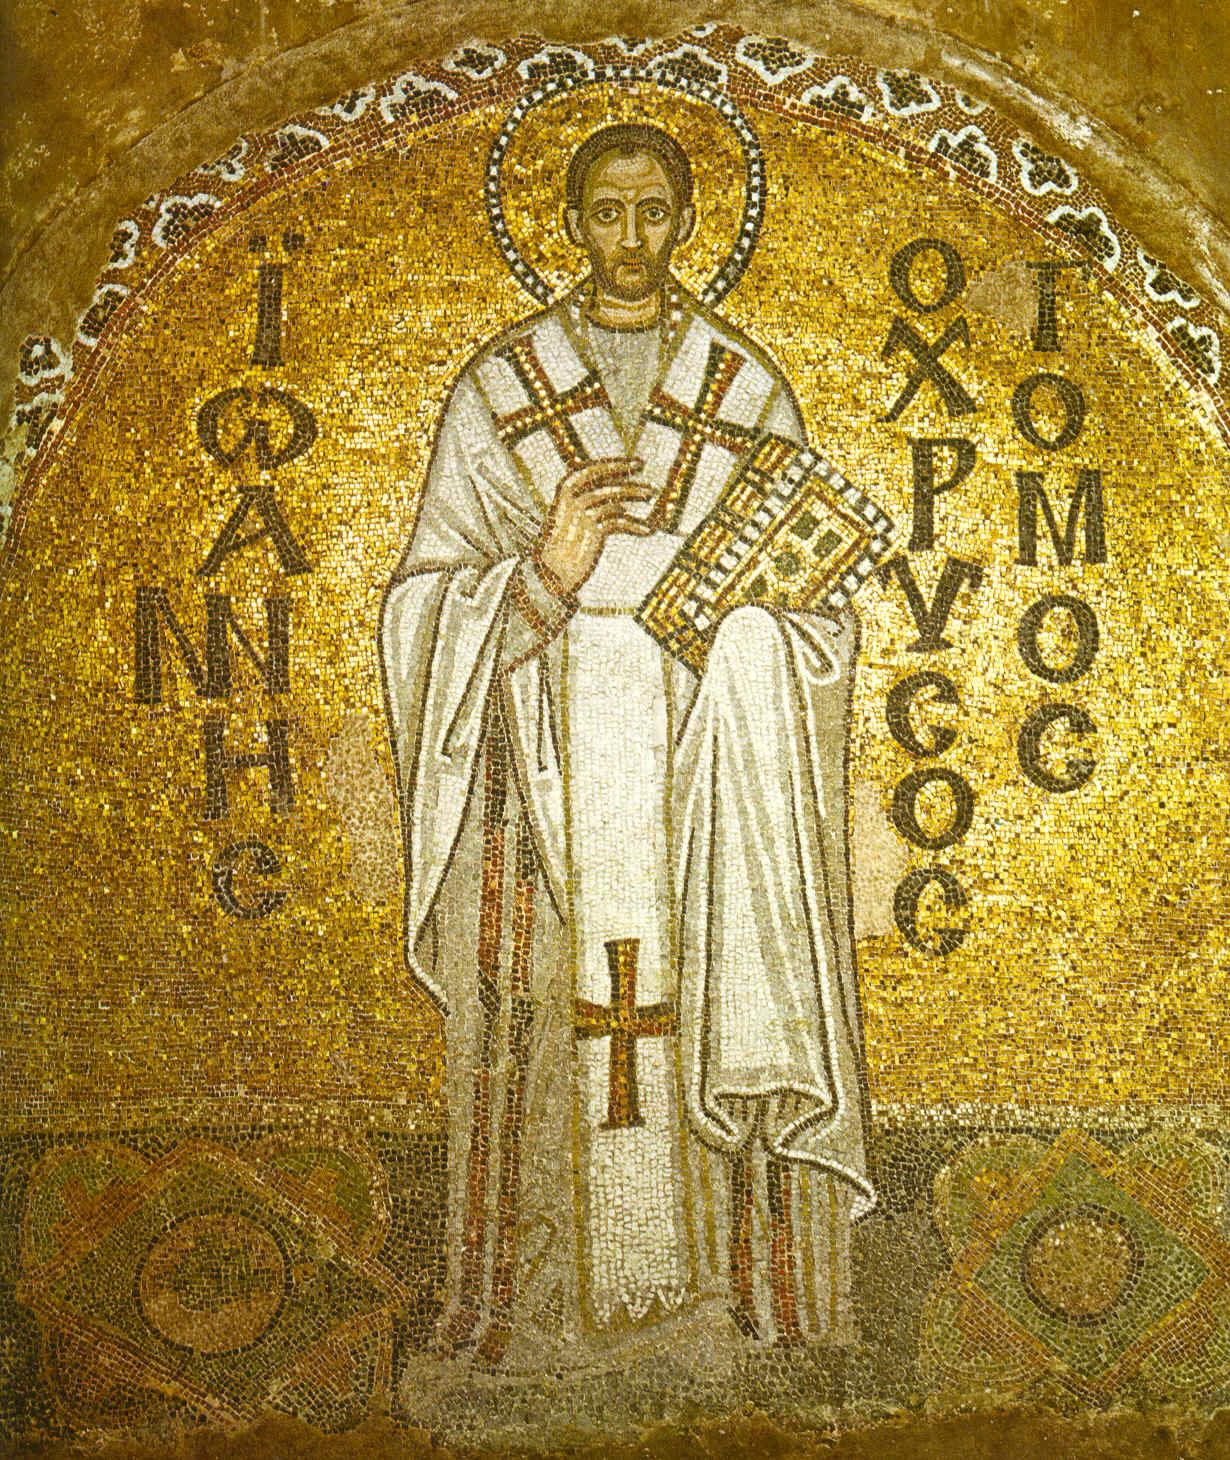 Ο άγιος Ιωάννης ο Χρυσόστομος. Ψηφιδωτό στην Αγία Σοφία στην Πόλη μας.